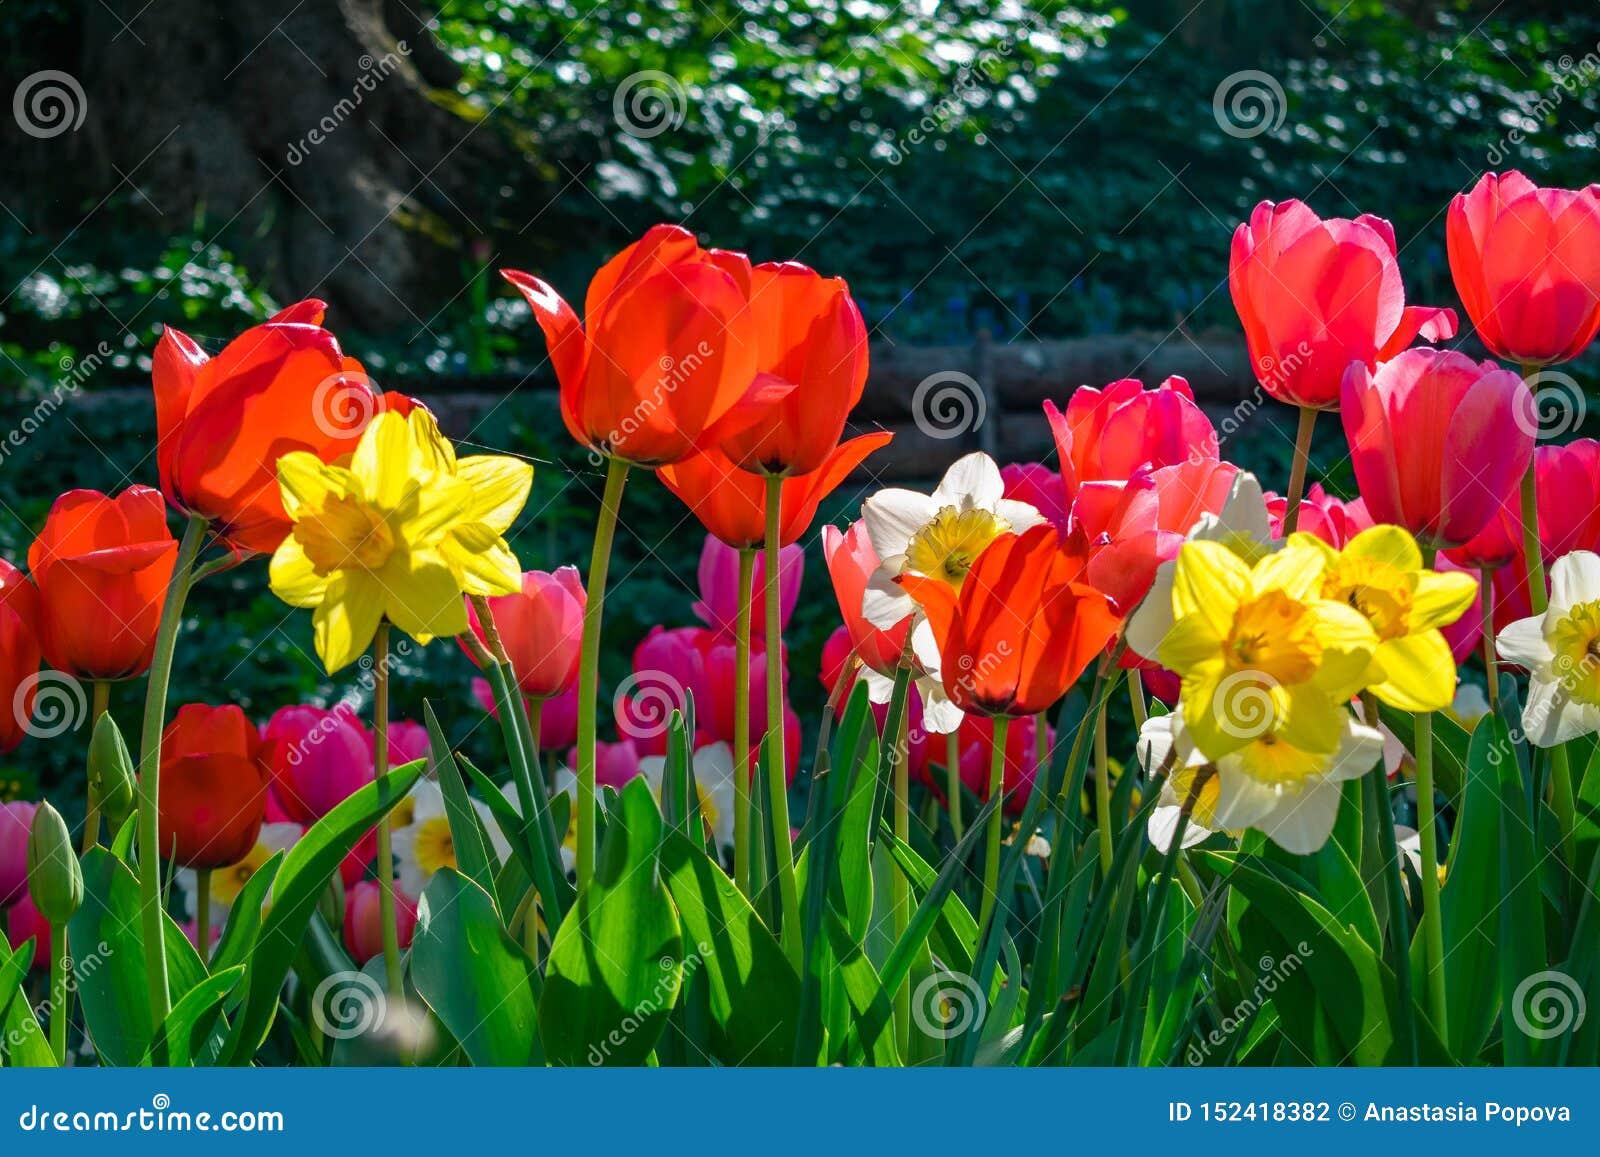 Bunte Blumen, Tulpen und Narzissen